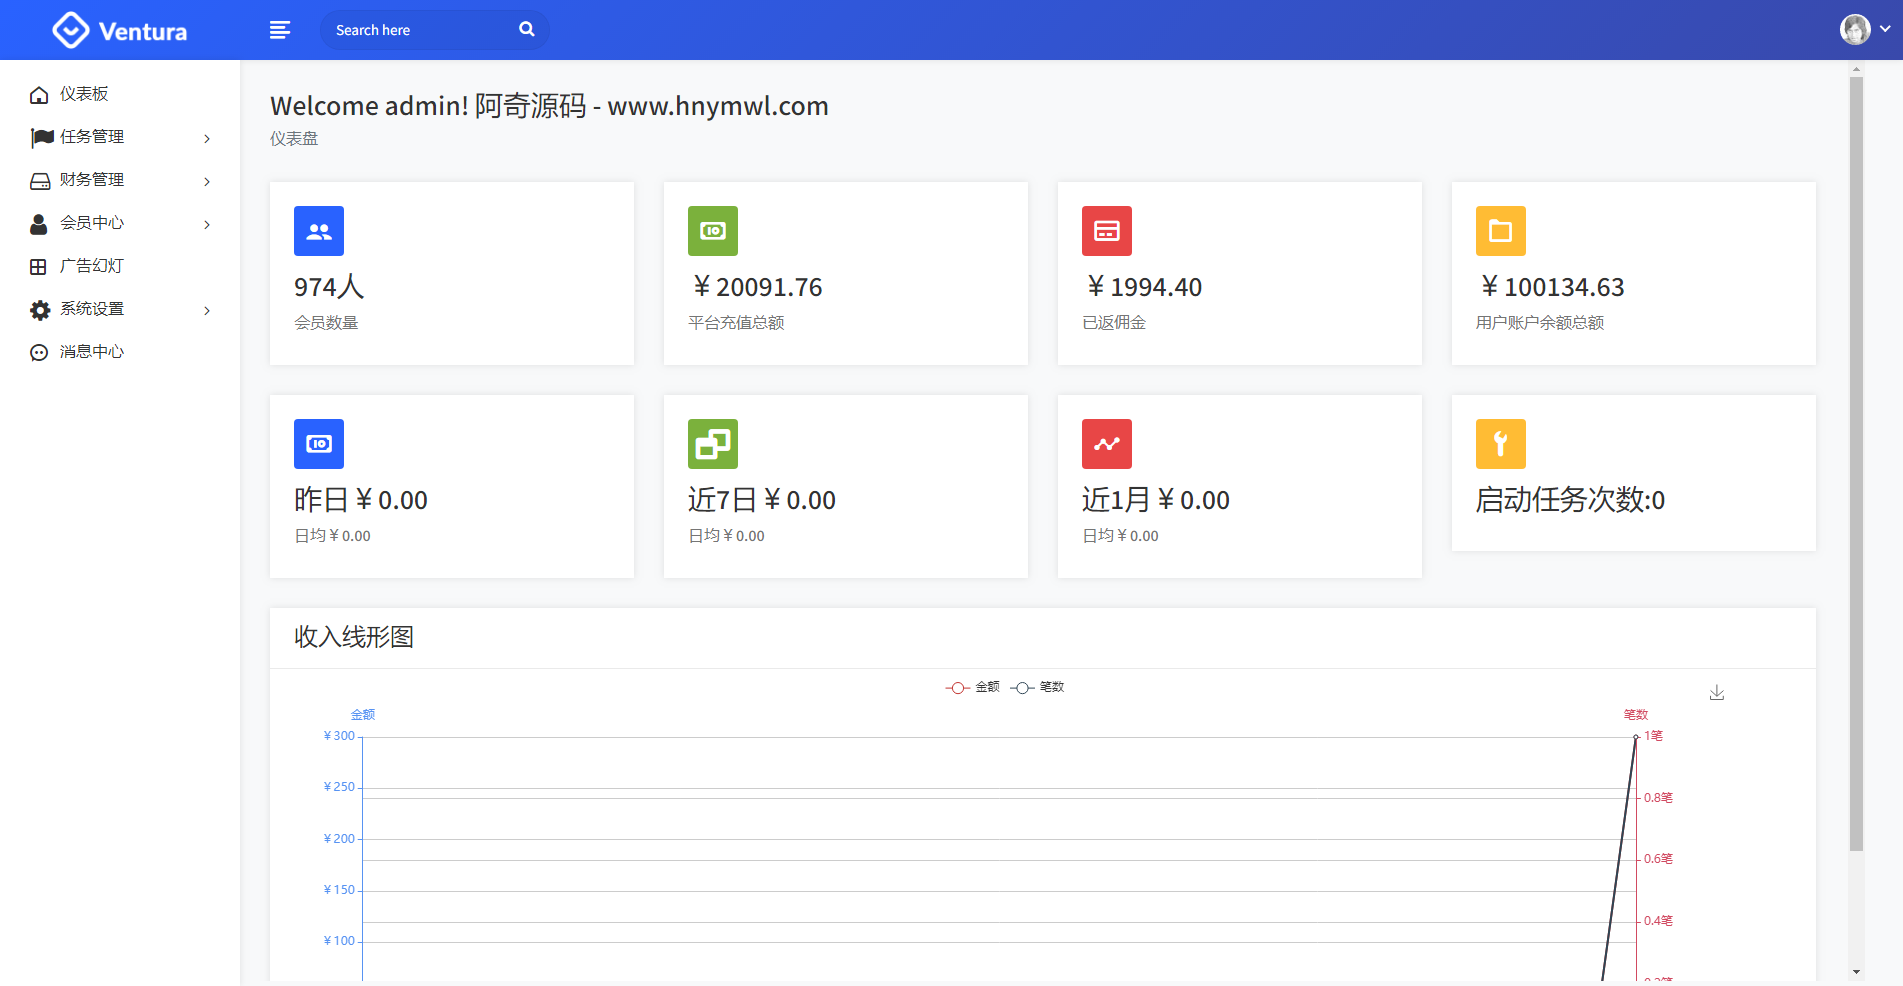 【抖音客】新版UI短视频点赞任务系统完美运营级别[等级功能+信誉积分+保证金]-找主题源码